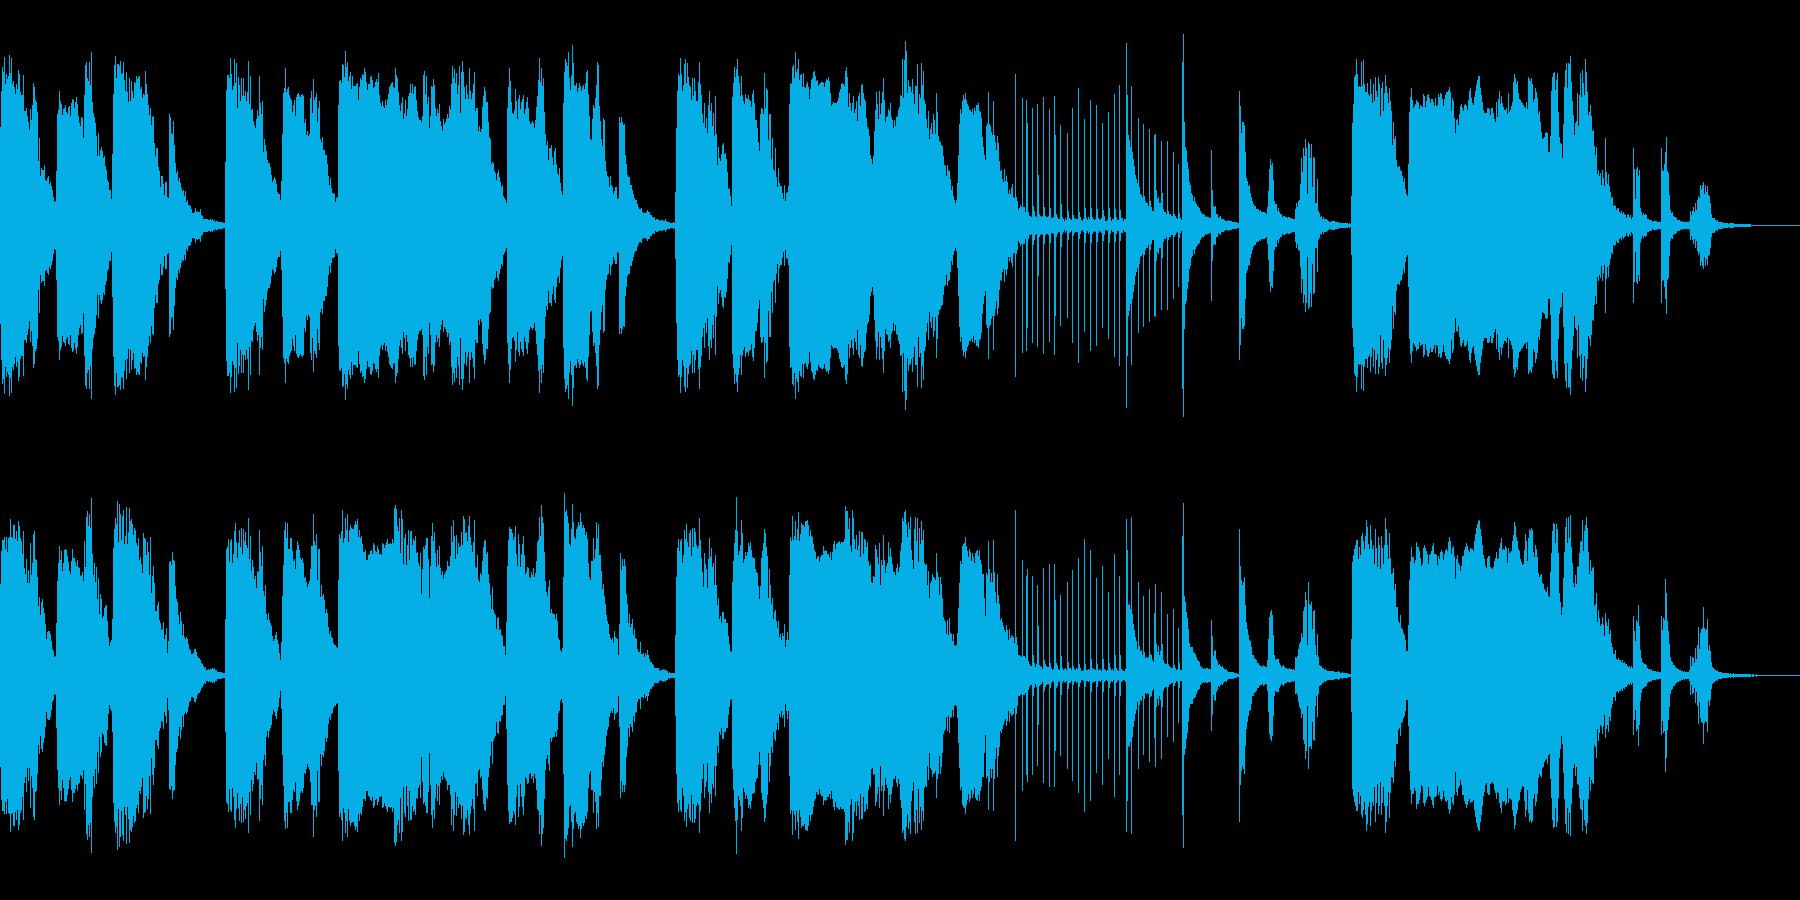 シーン・コミカル・ループ・オーケストラの再生済みの波形